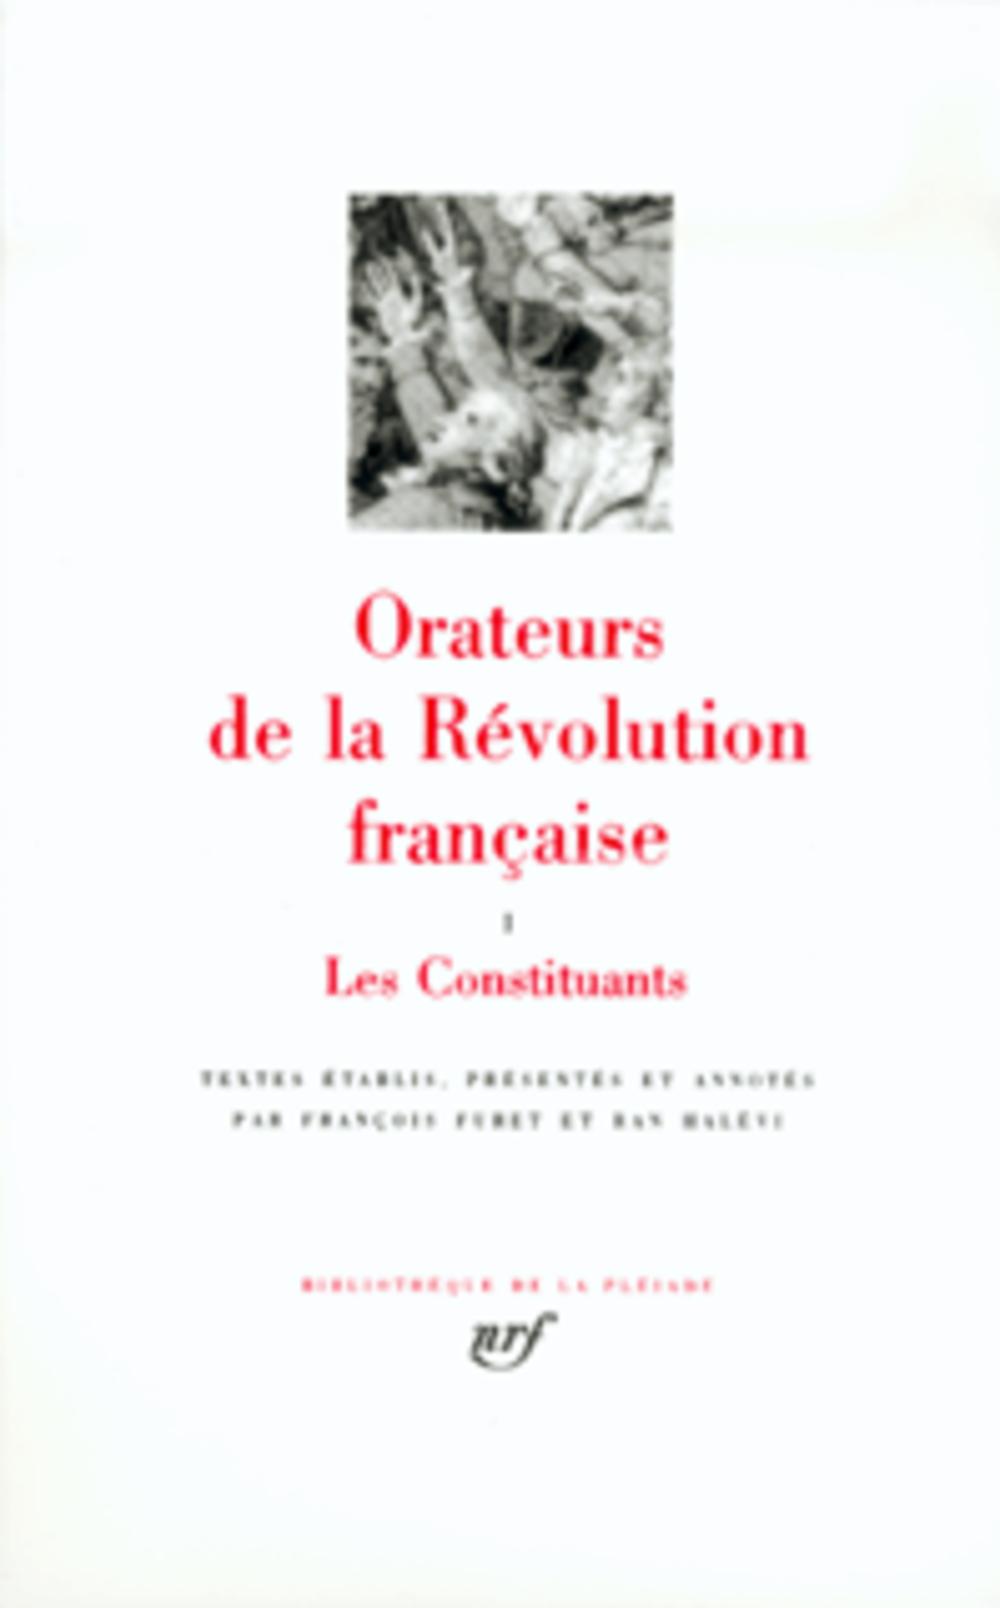 Orateurs de la revolution francaise - les constituants